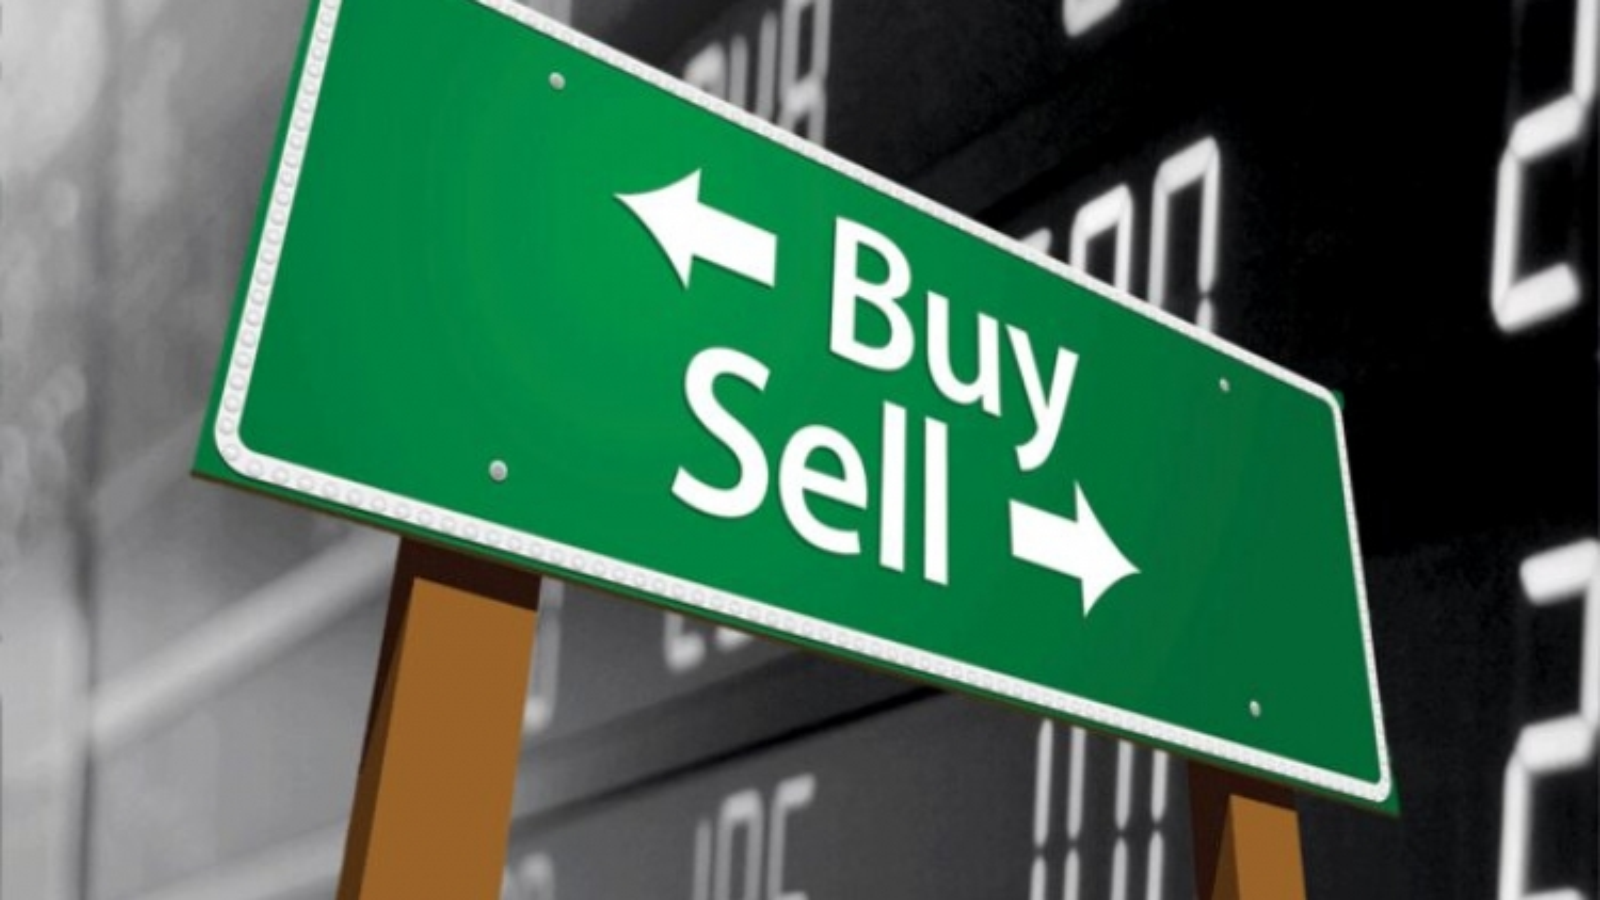 Nhà đầu tư chứng khoán cần hạn chế sử dụng đòn bẩy trong giai đoạn này